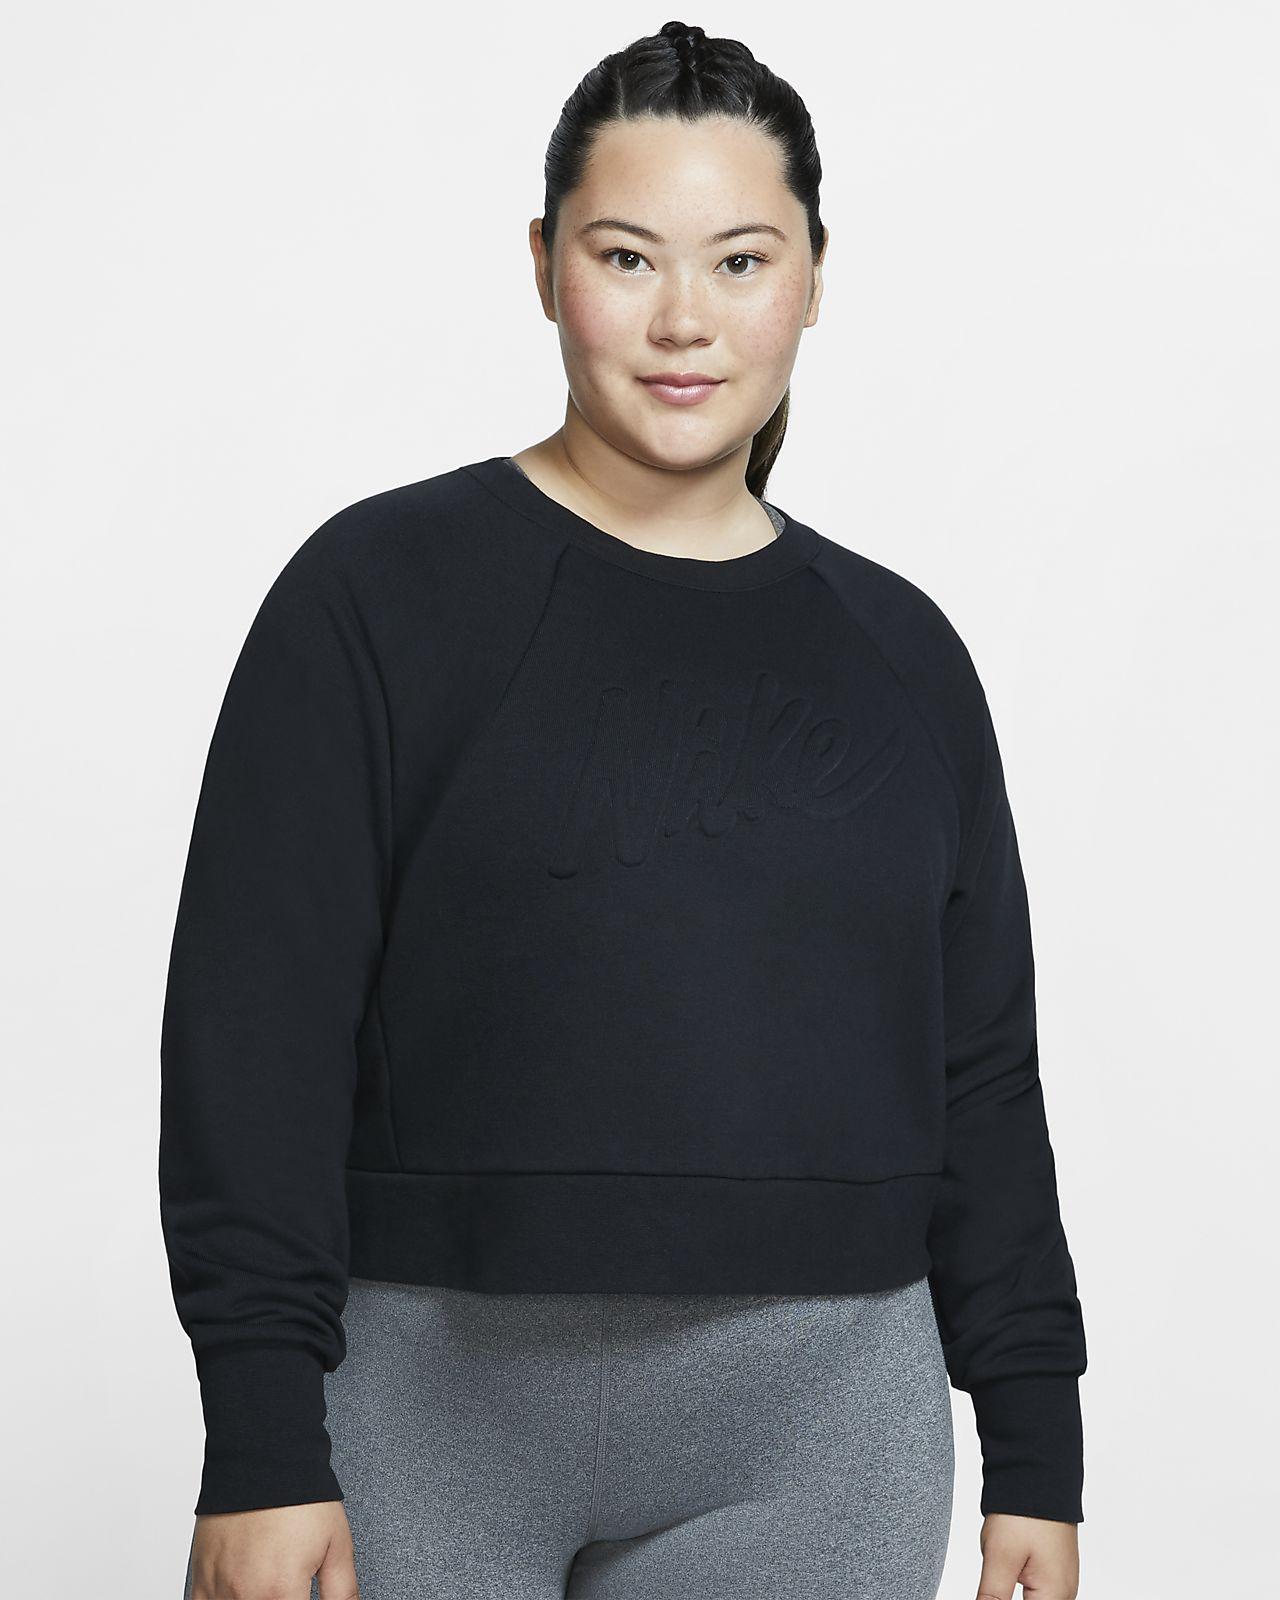 Женская футболка с длинным рукавом для тренинга Nike Dri-FIT (большие размеры)